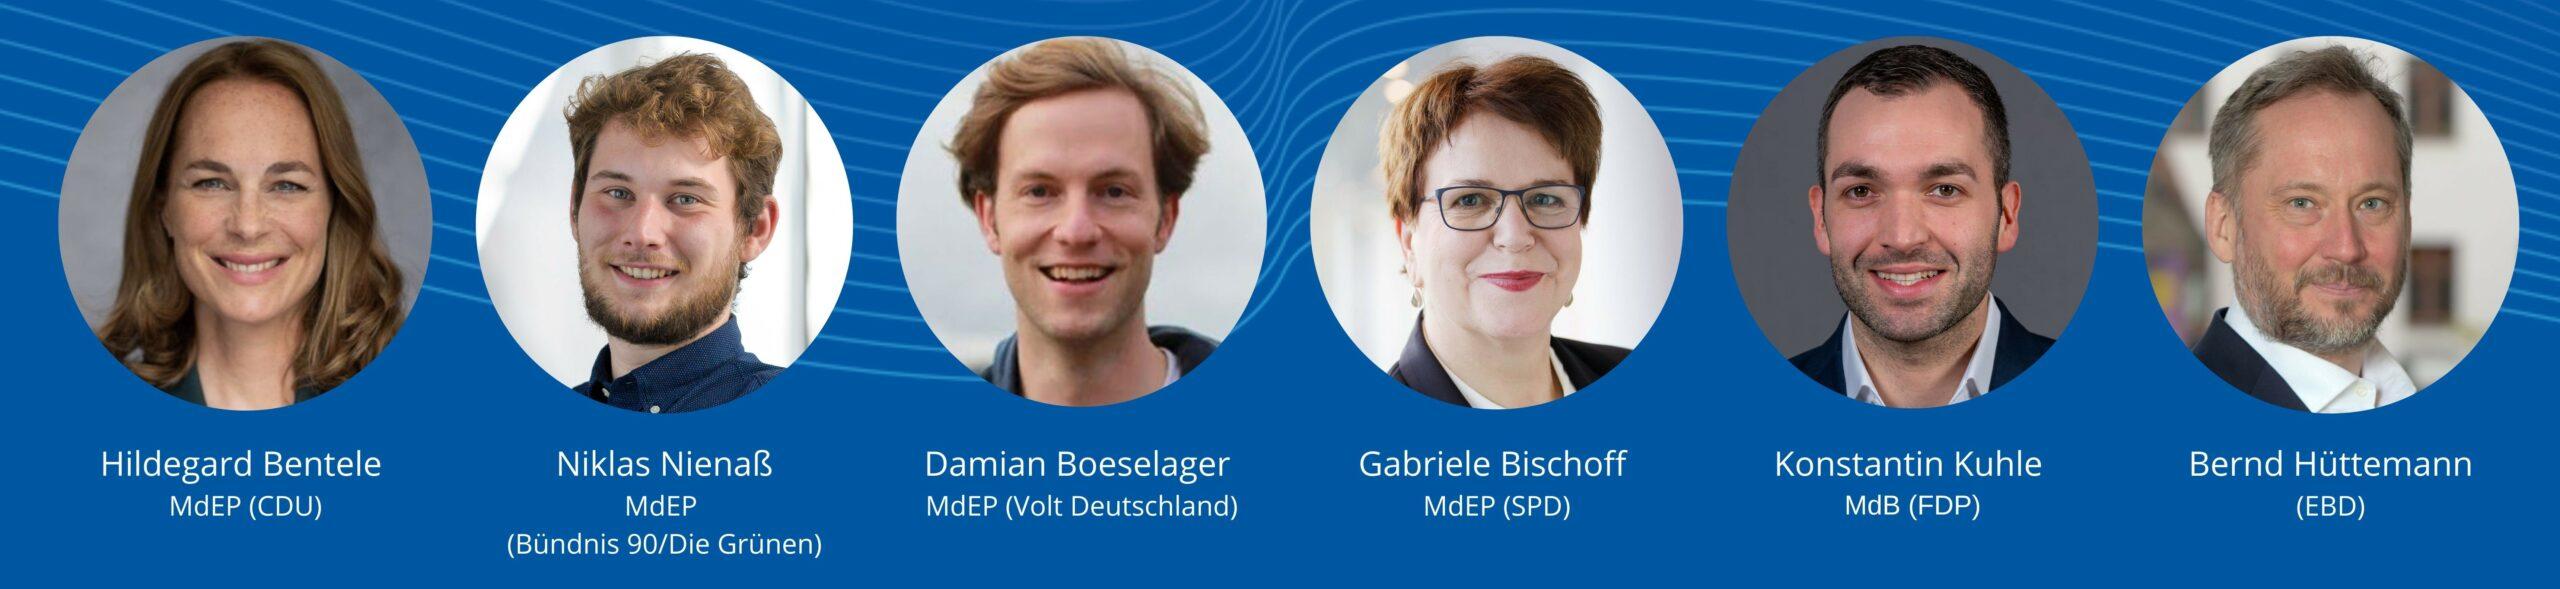 Erwartungen an die Konferenz zur Zukunft Europas   Paneldiskussion bei EBD-Mitgliederversammlung 2021